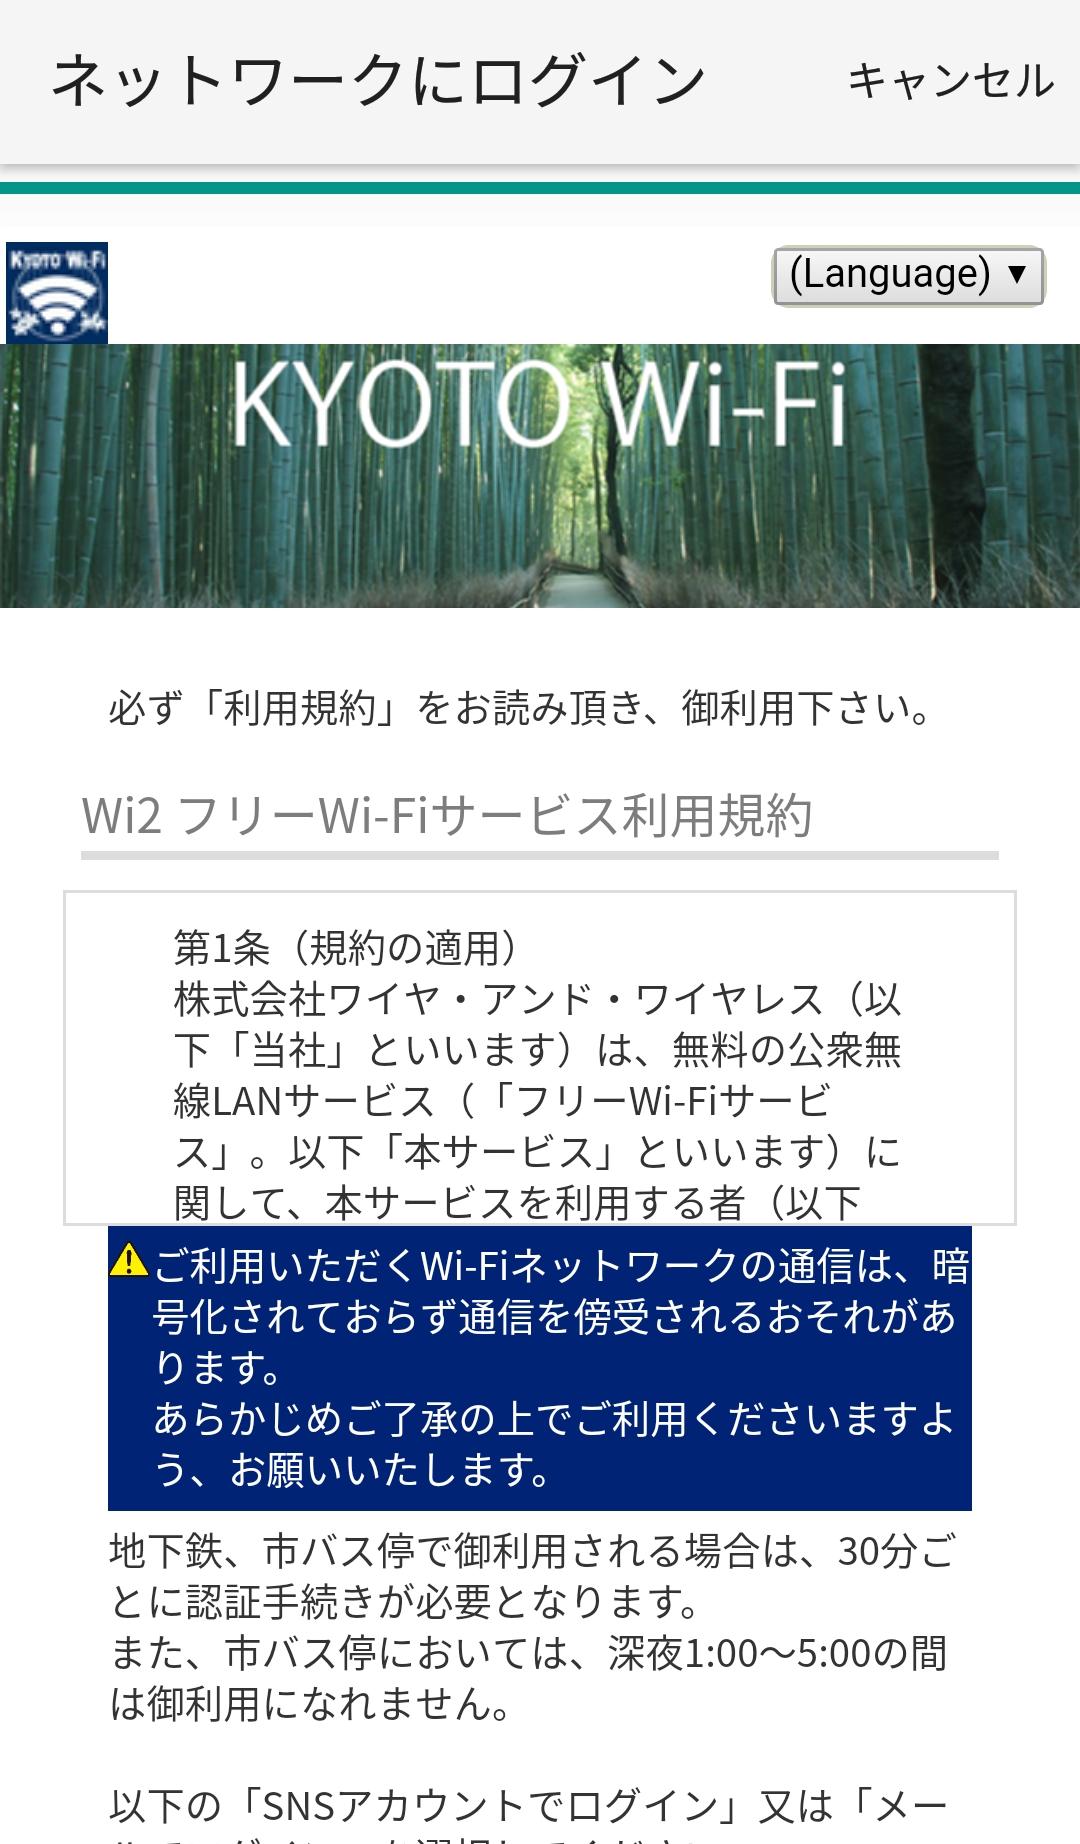 KYOTO Wi-Fiの利用規約